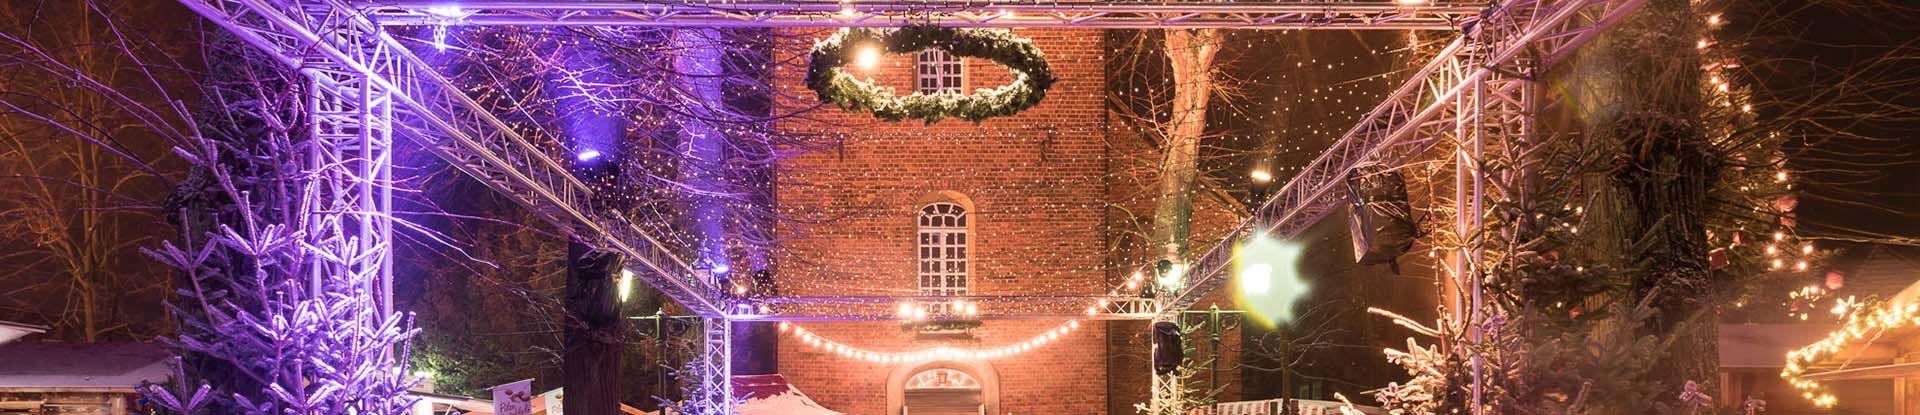 Lichterglanz Weihnachtsmarkt